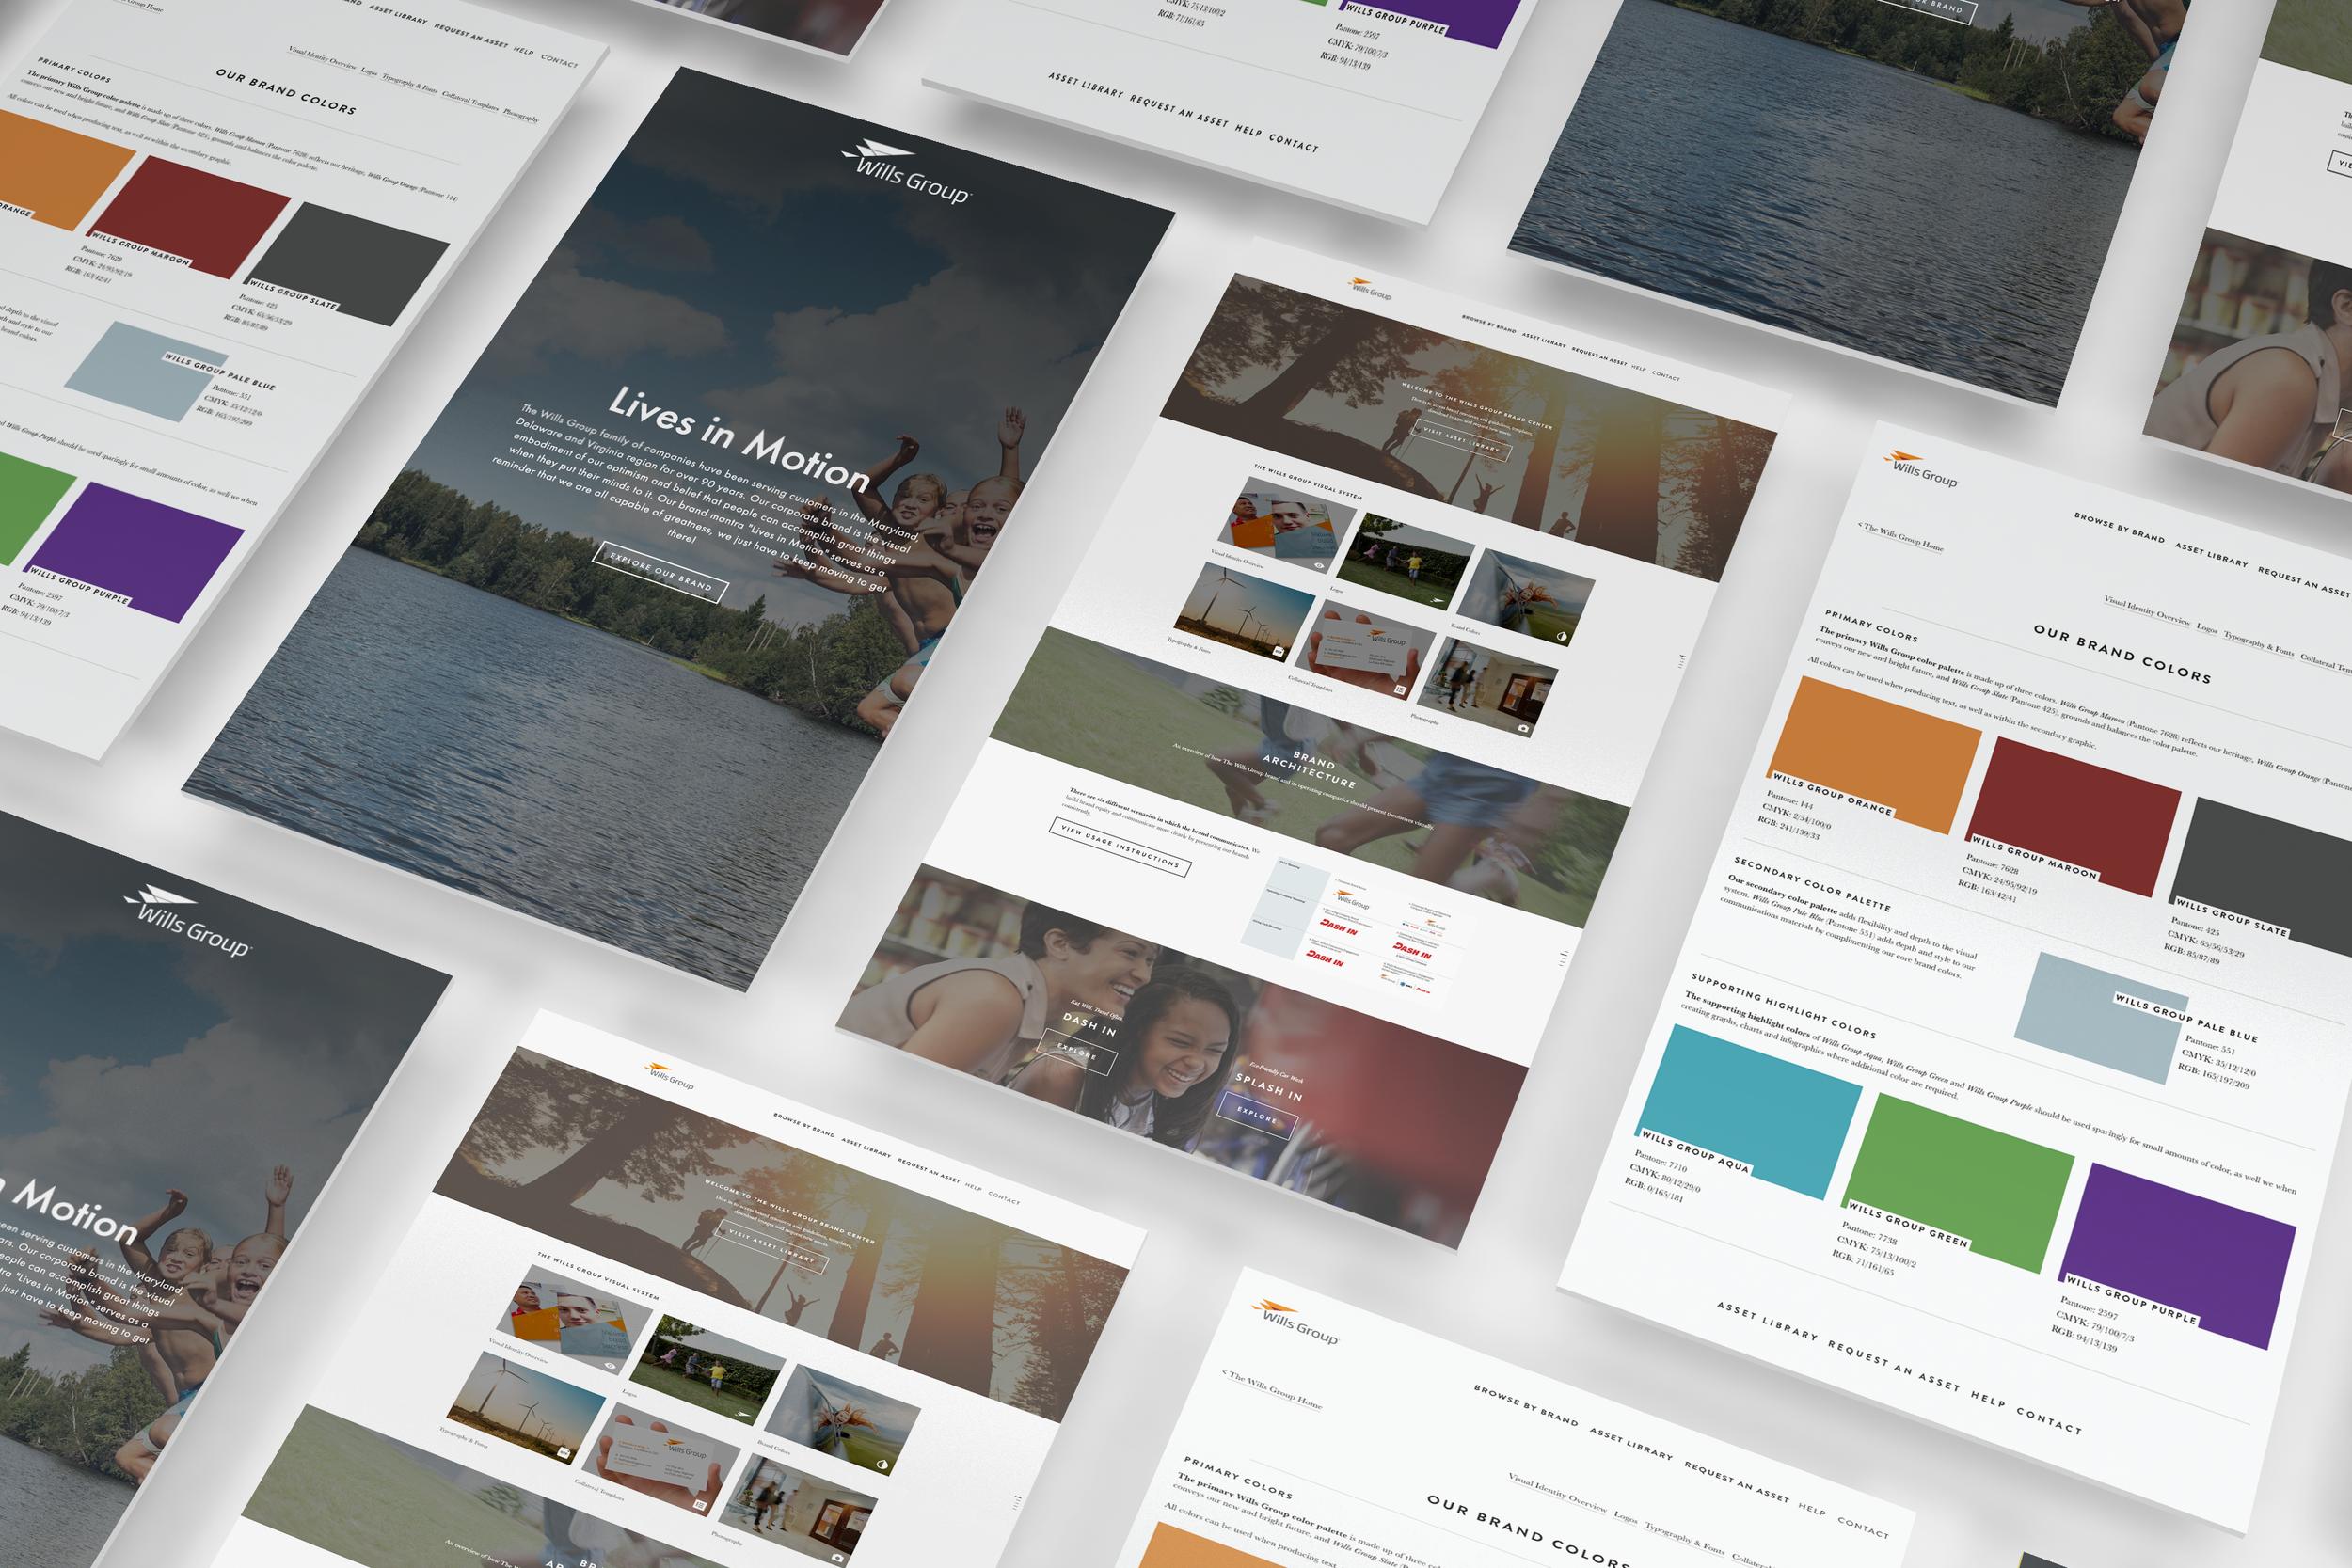 Emotif - brand management web design